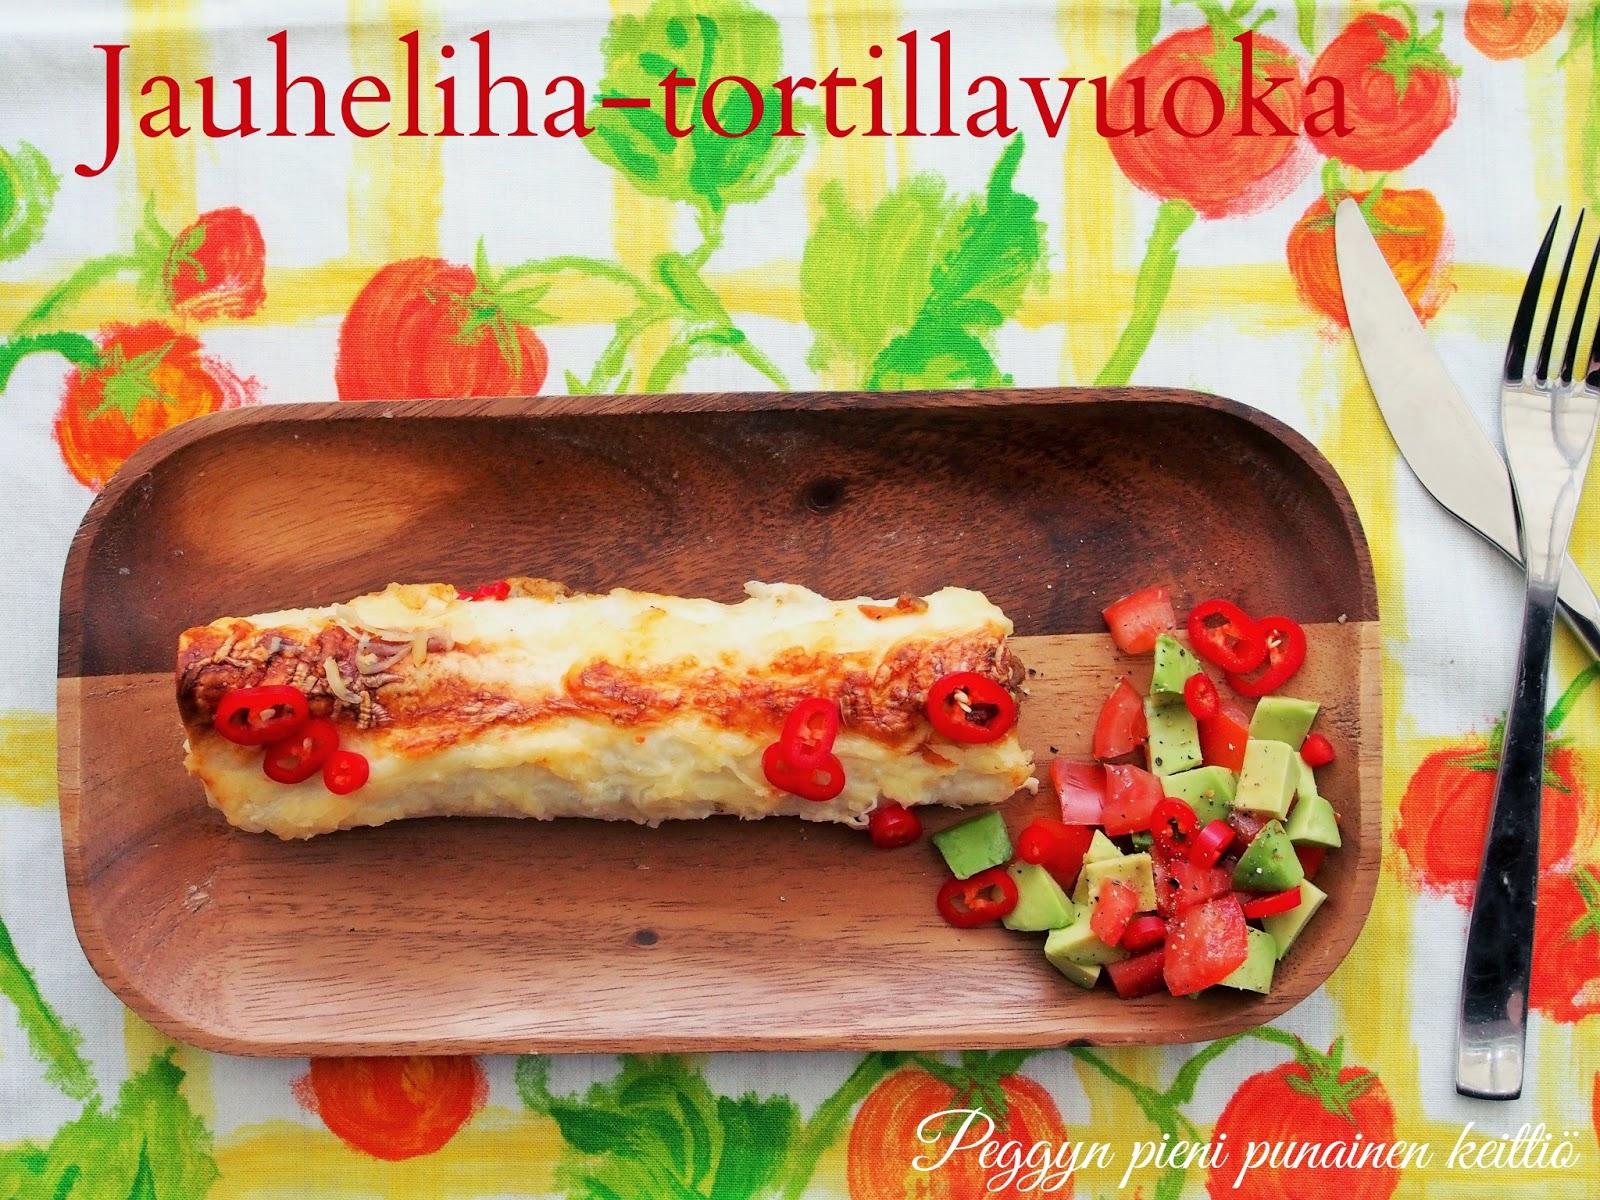 Jauheliha tortillavuoka  Peggyn pieni punainen keittiö